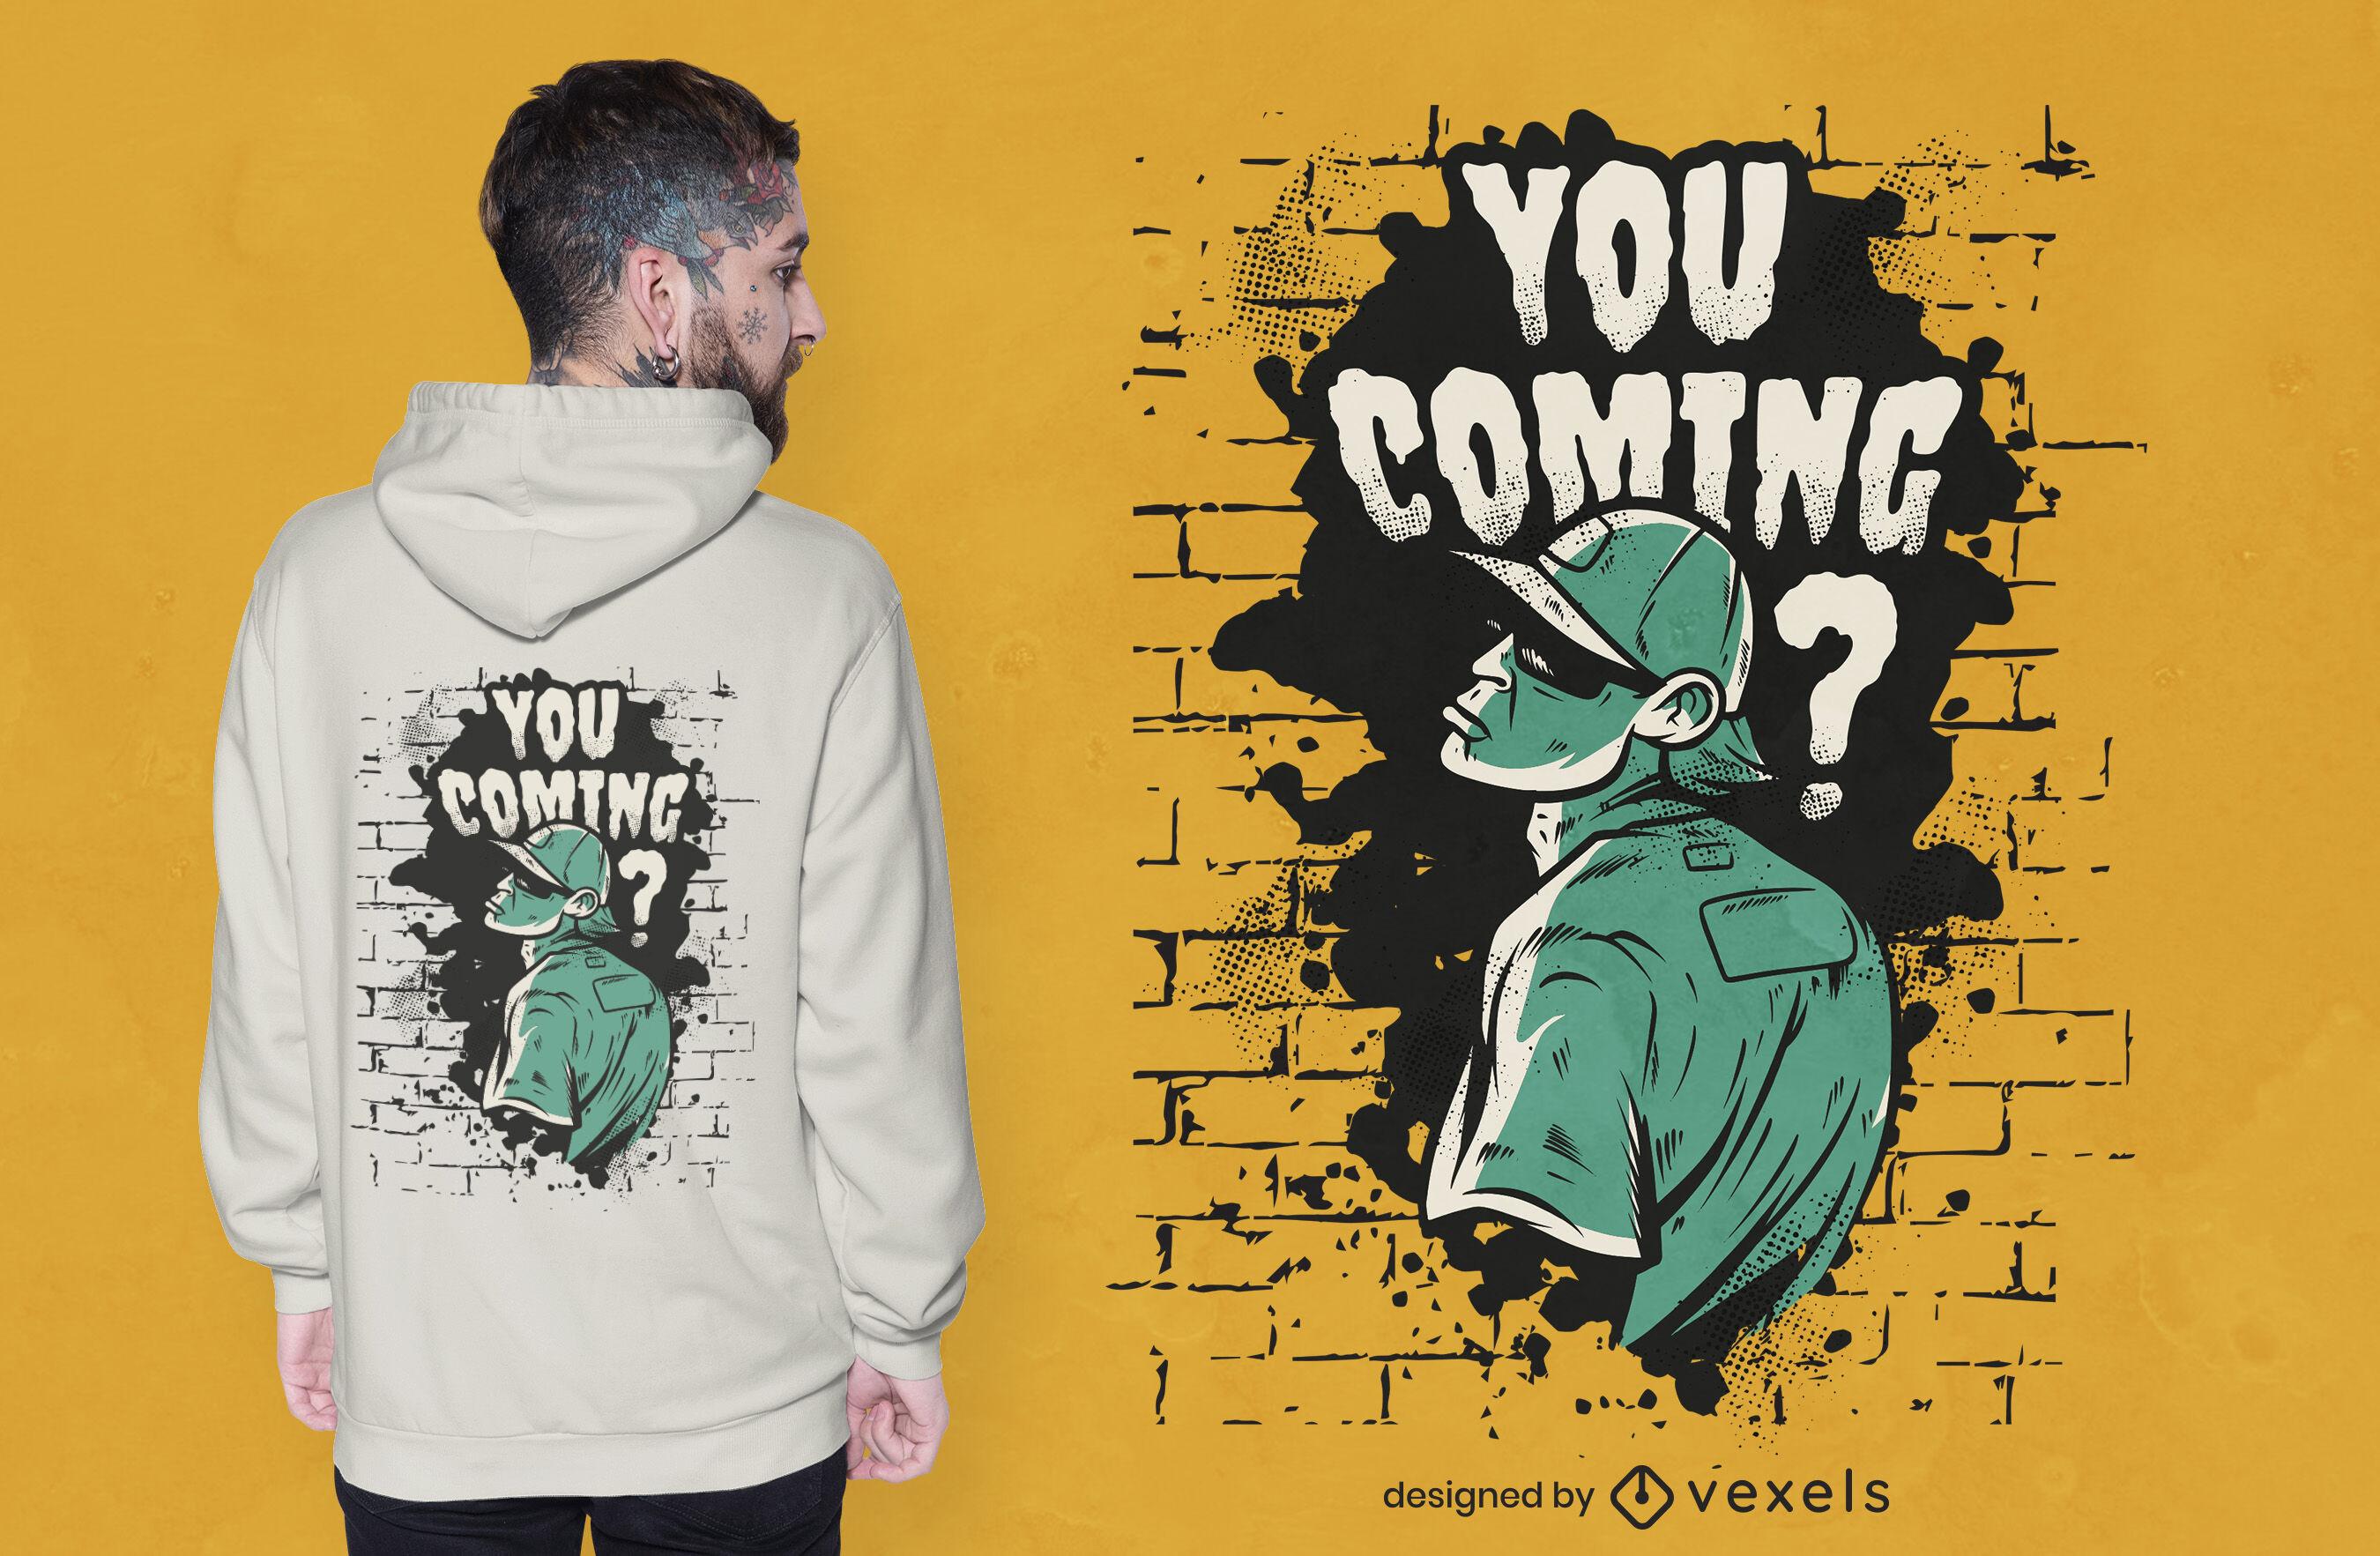 You coming man t-shirt design